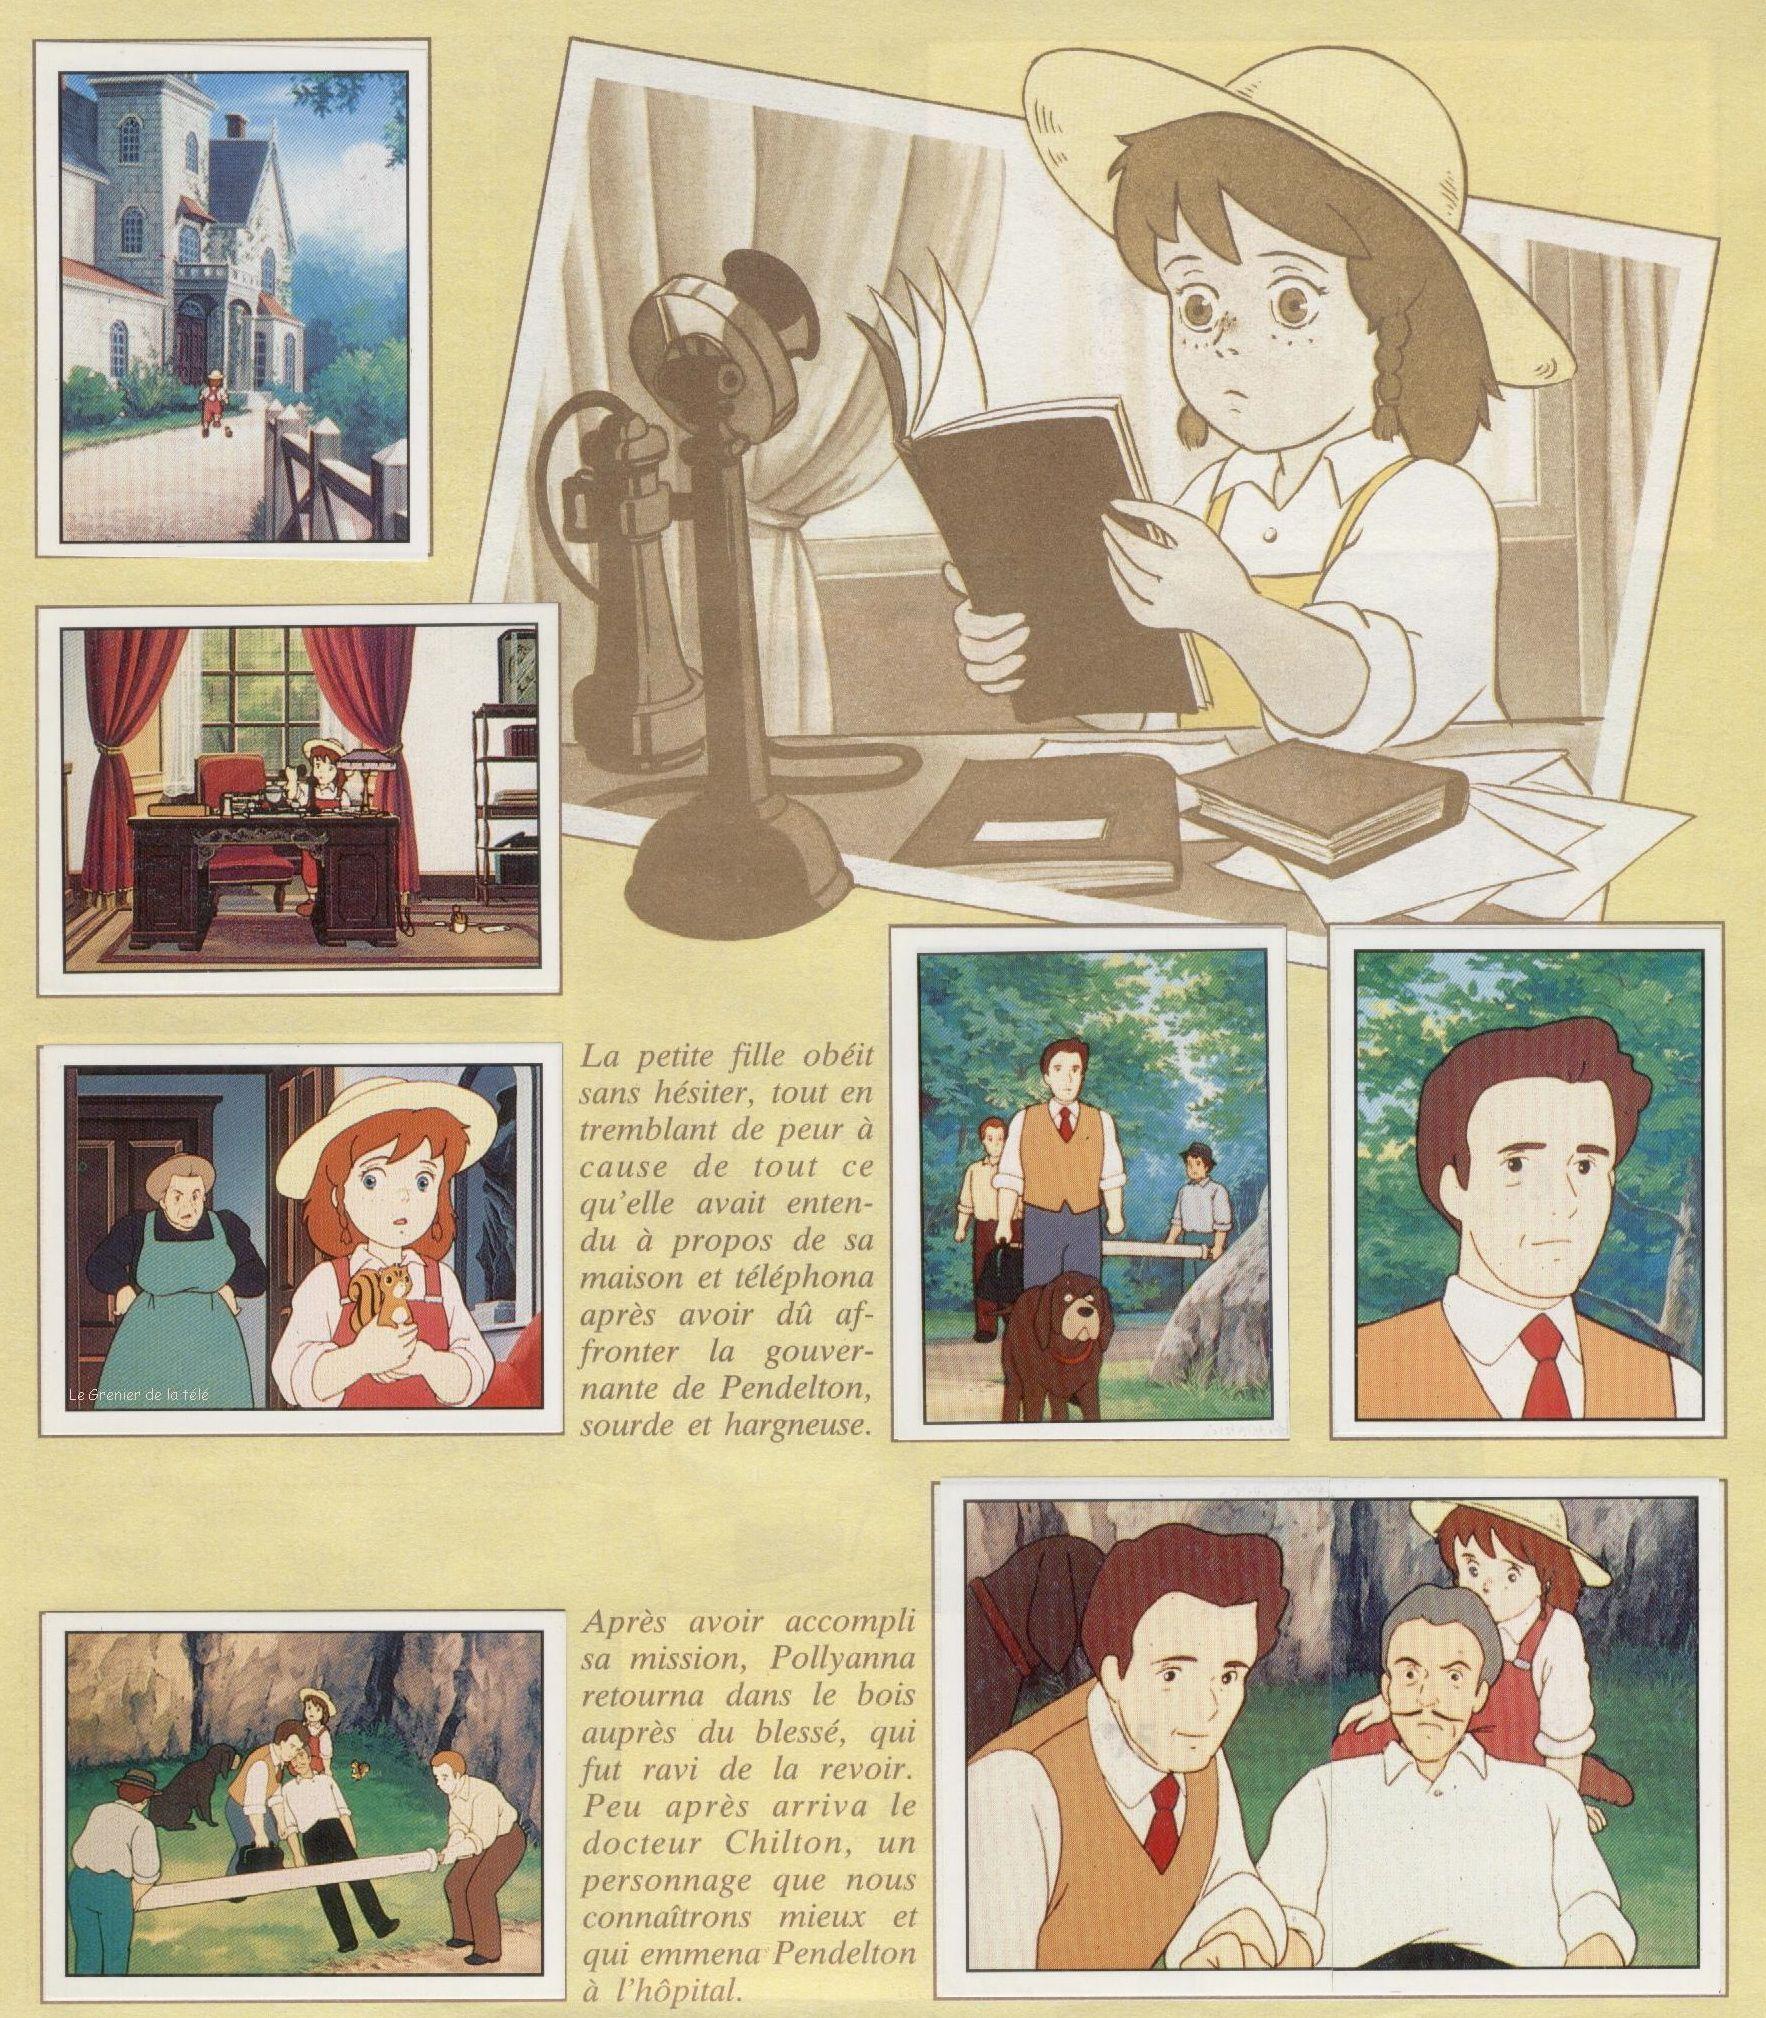 http://grenierdelatv.free.fr/polly11.jpg